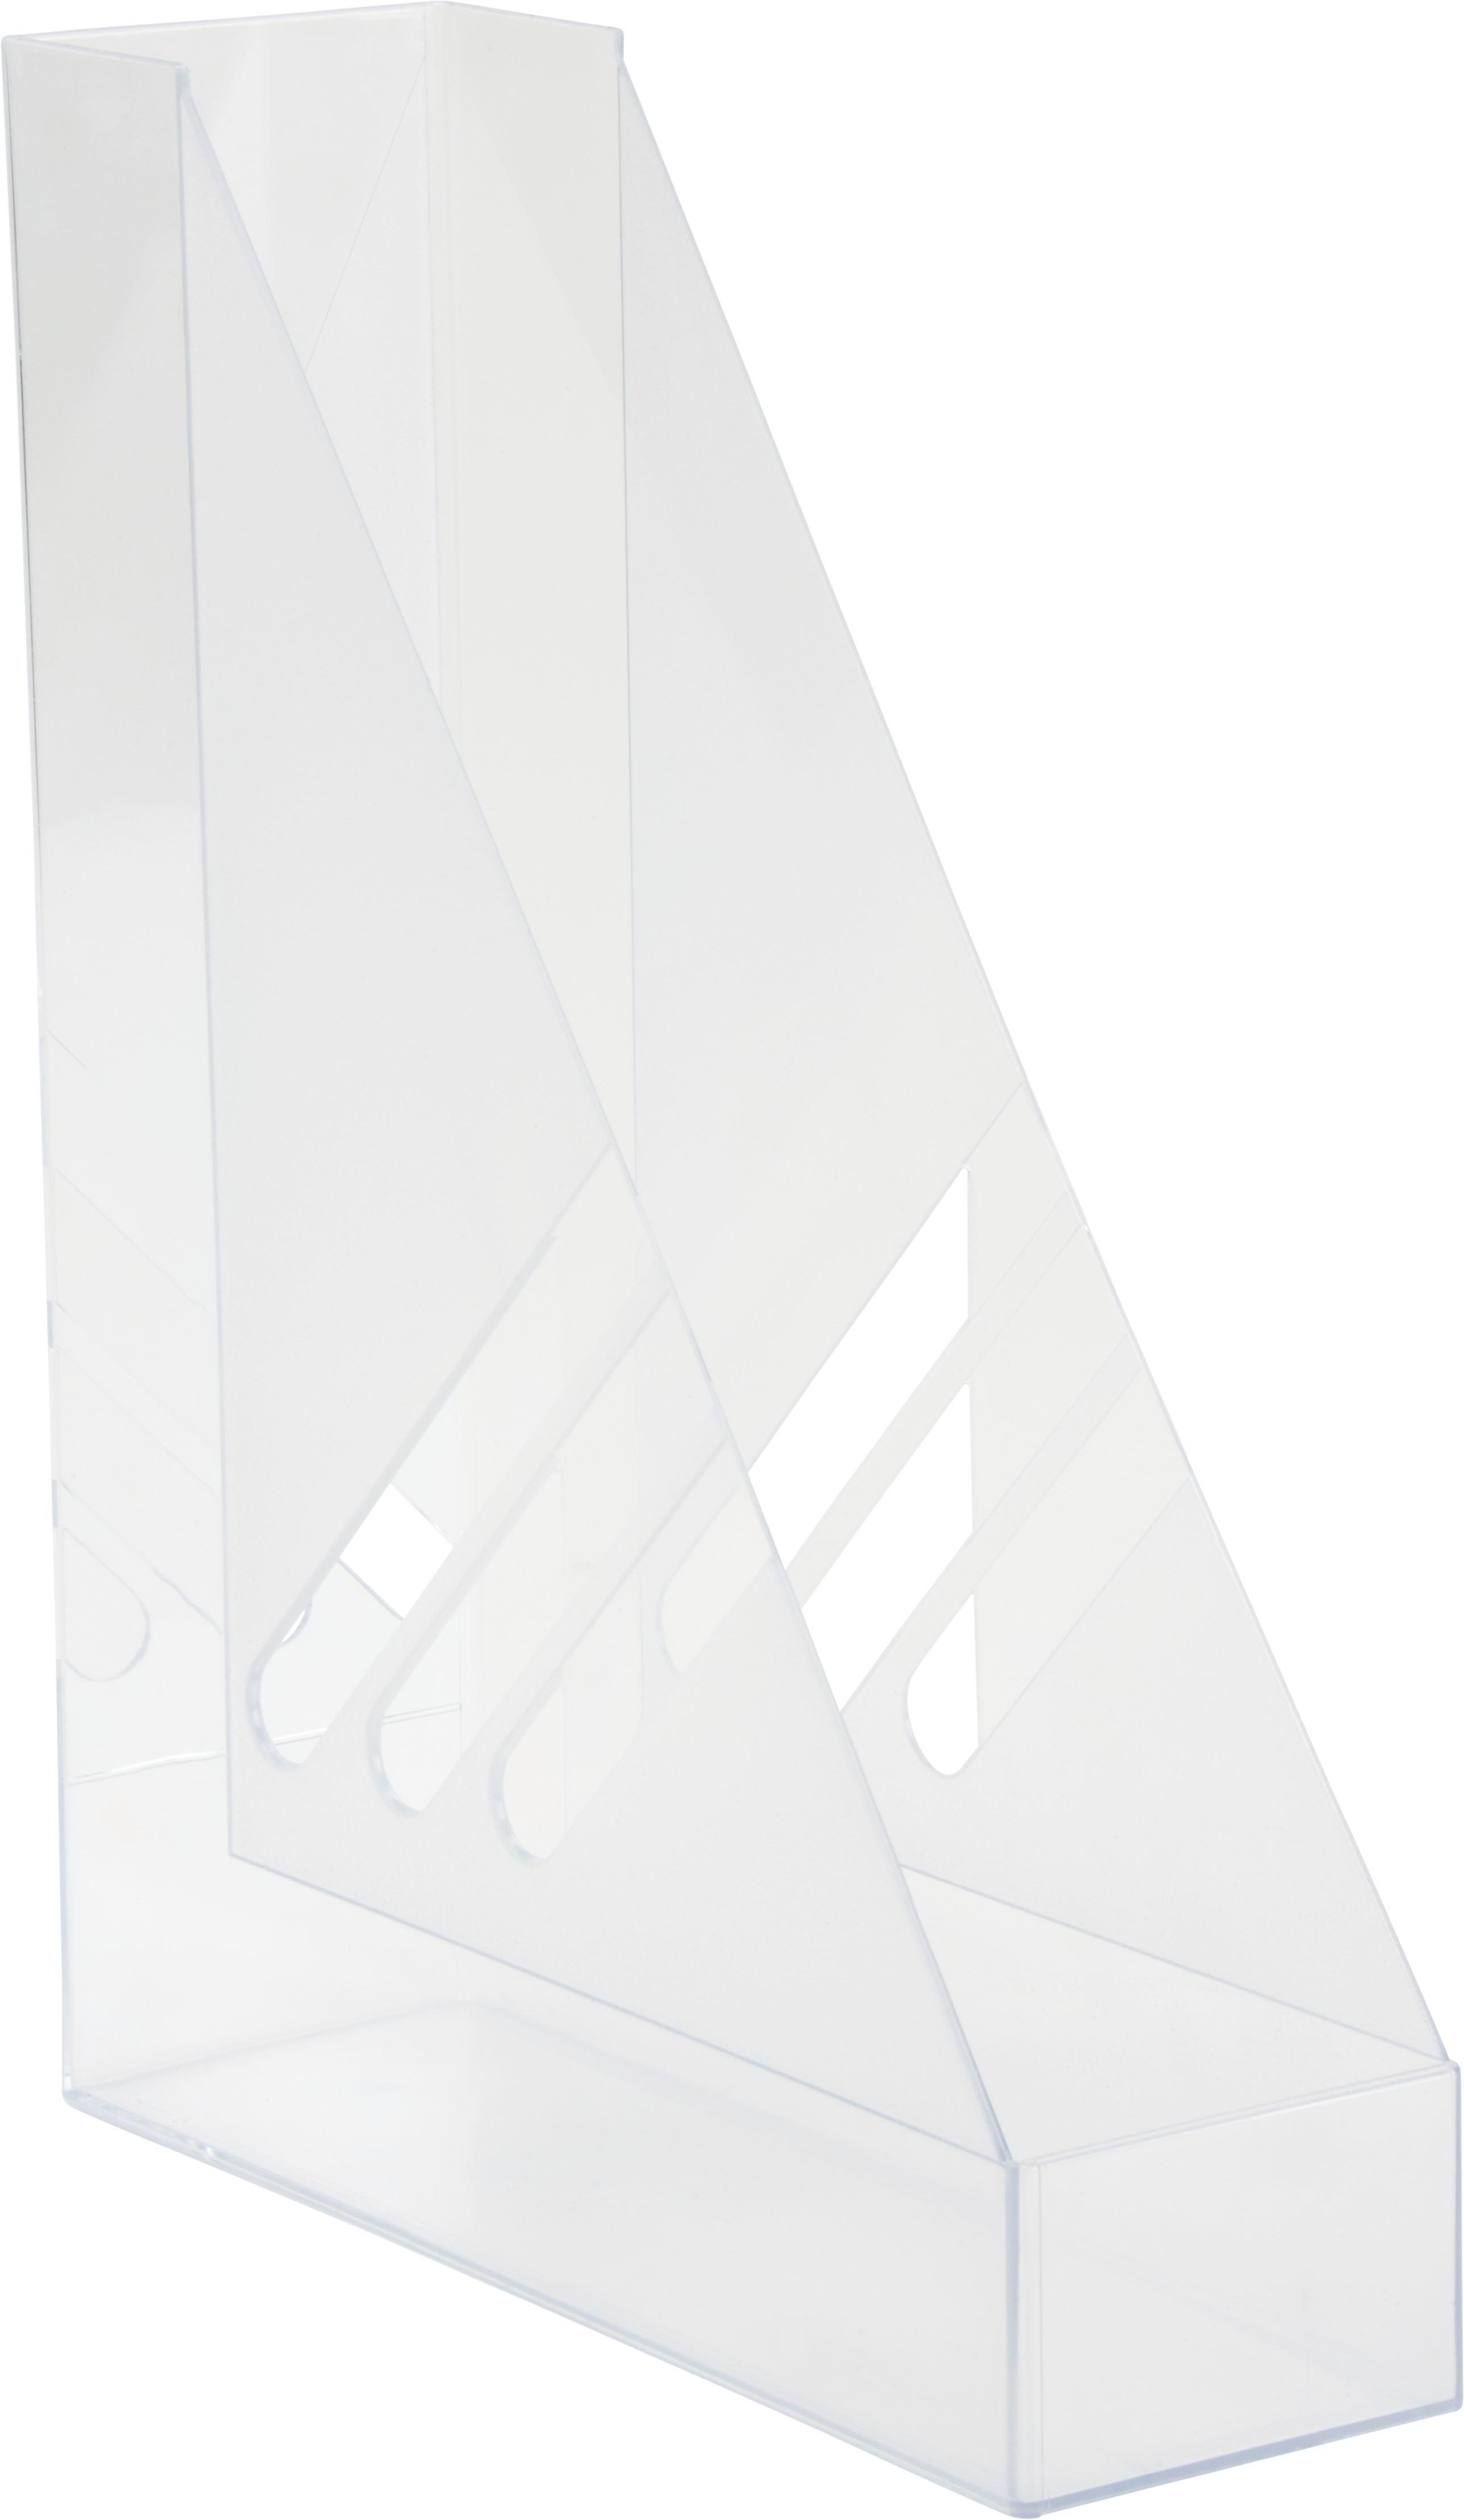 Stojalo Za Revije Rudi - prozorna, Konvencionalno, umetna masa (8/35/32cm) - MÖMAX modern living